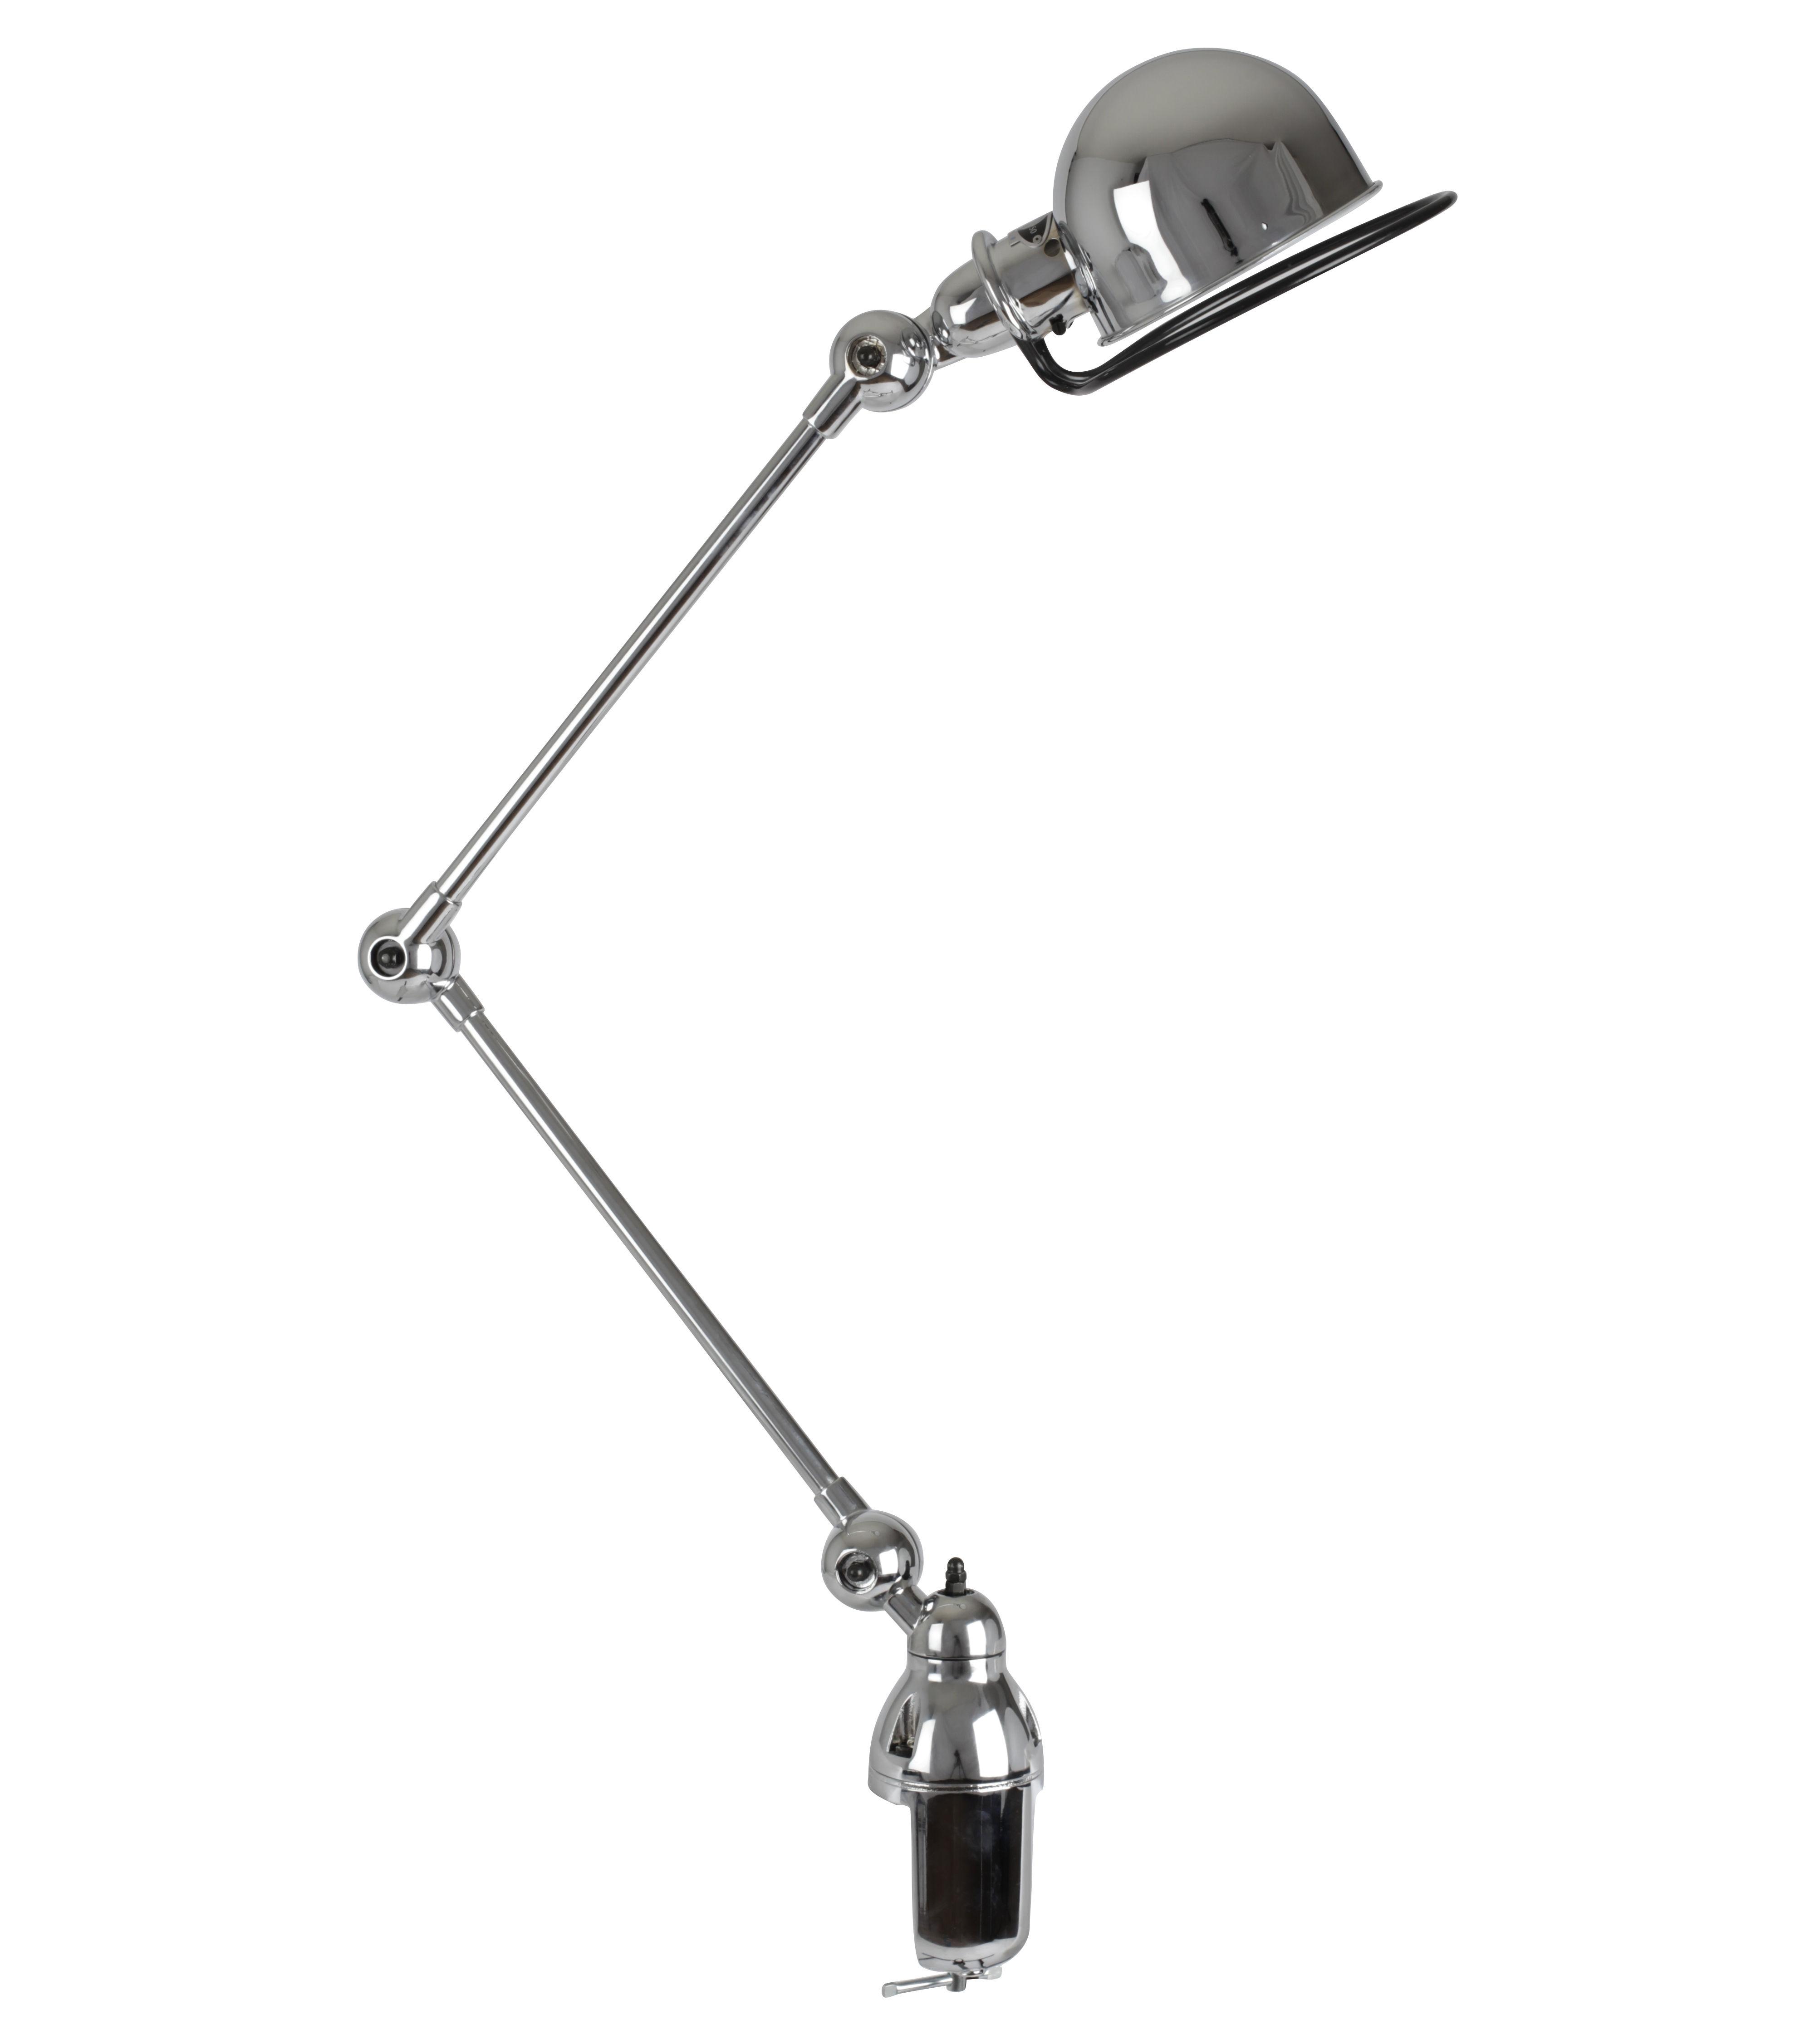 Leuchten - Tischleuchten - Loft Tischleuchte / Klemmlampe - mit 2 Gelenkarmen - H max. 80 cm - Jieldé - Chrom-glänzend - Acier inoxydable chromé, Porzellan